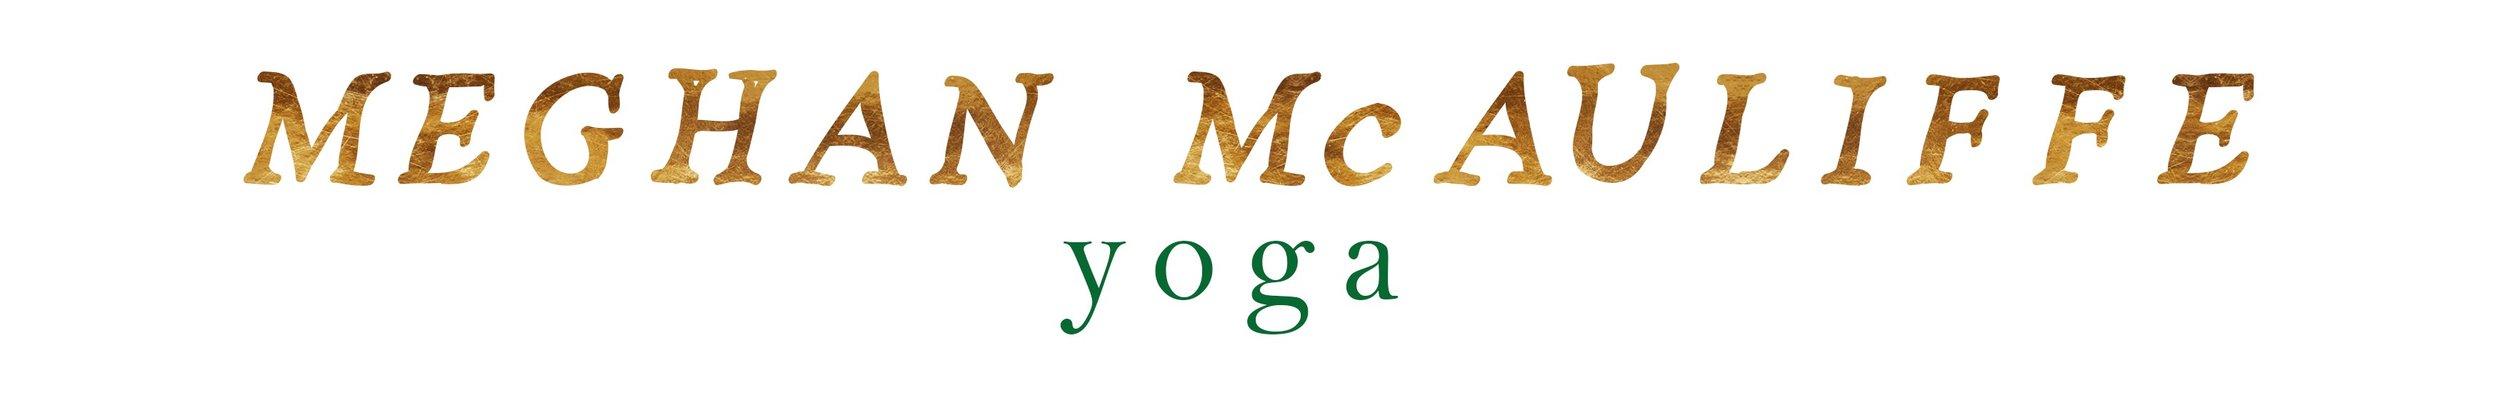 meghan - Copy (2).jpg